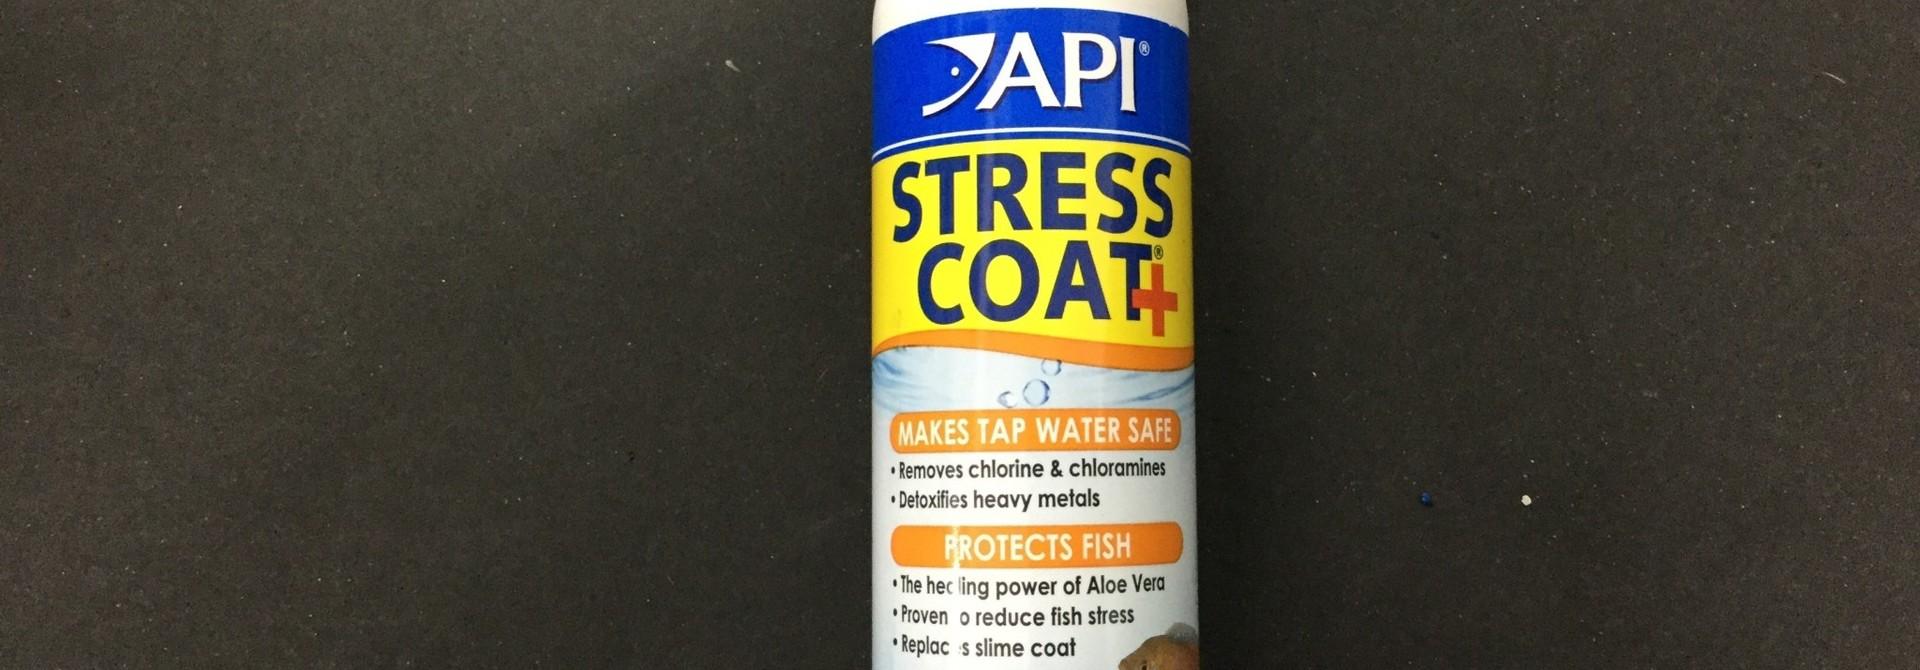 API STRESS COAT 8 oz